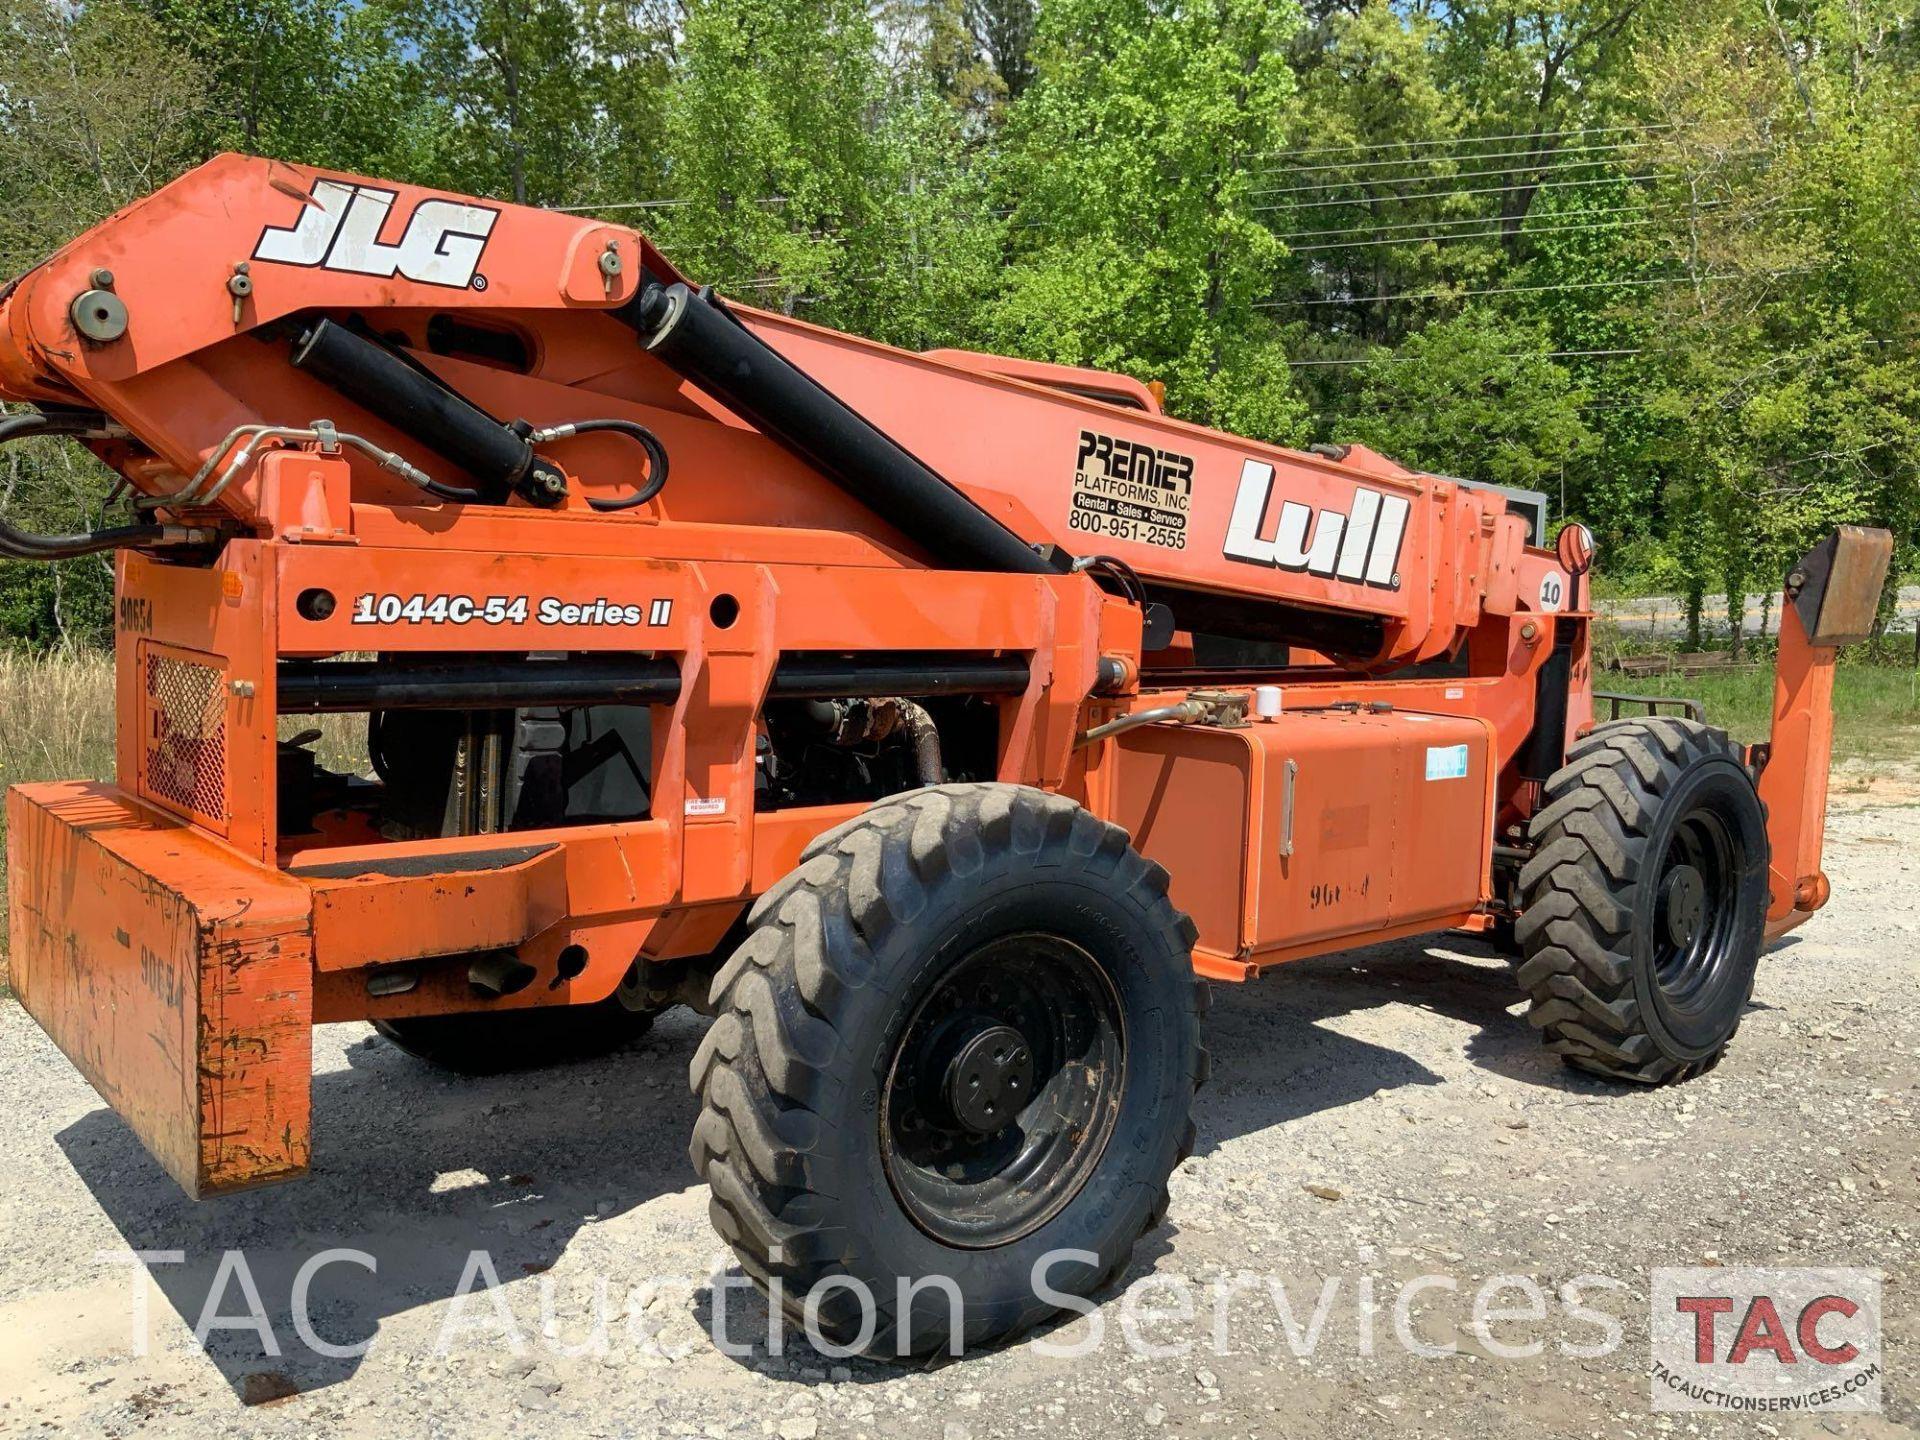 2007 JLG LULL Telehander Forklift - Image 4 of 25